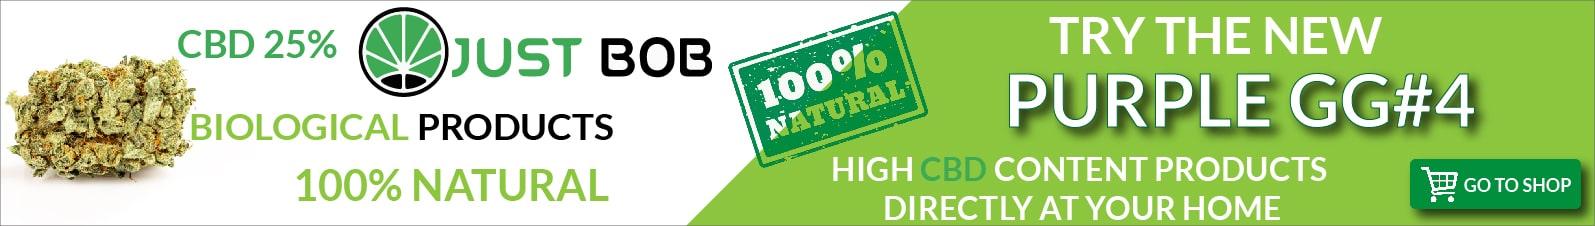 CBD Weed Online Shop